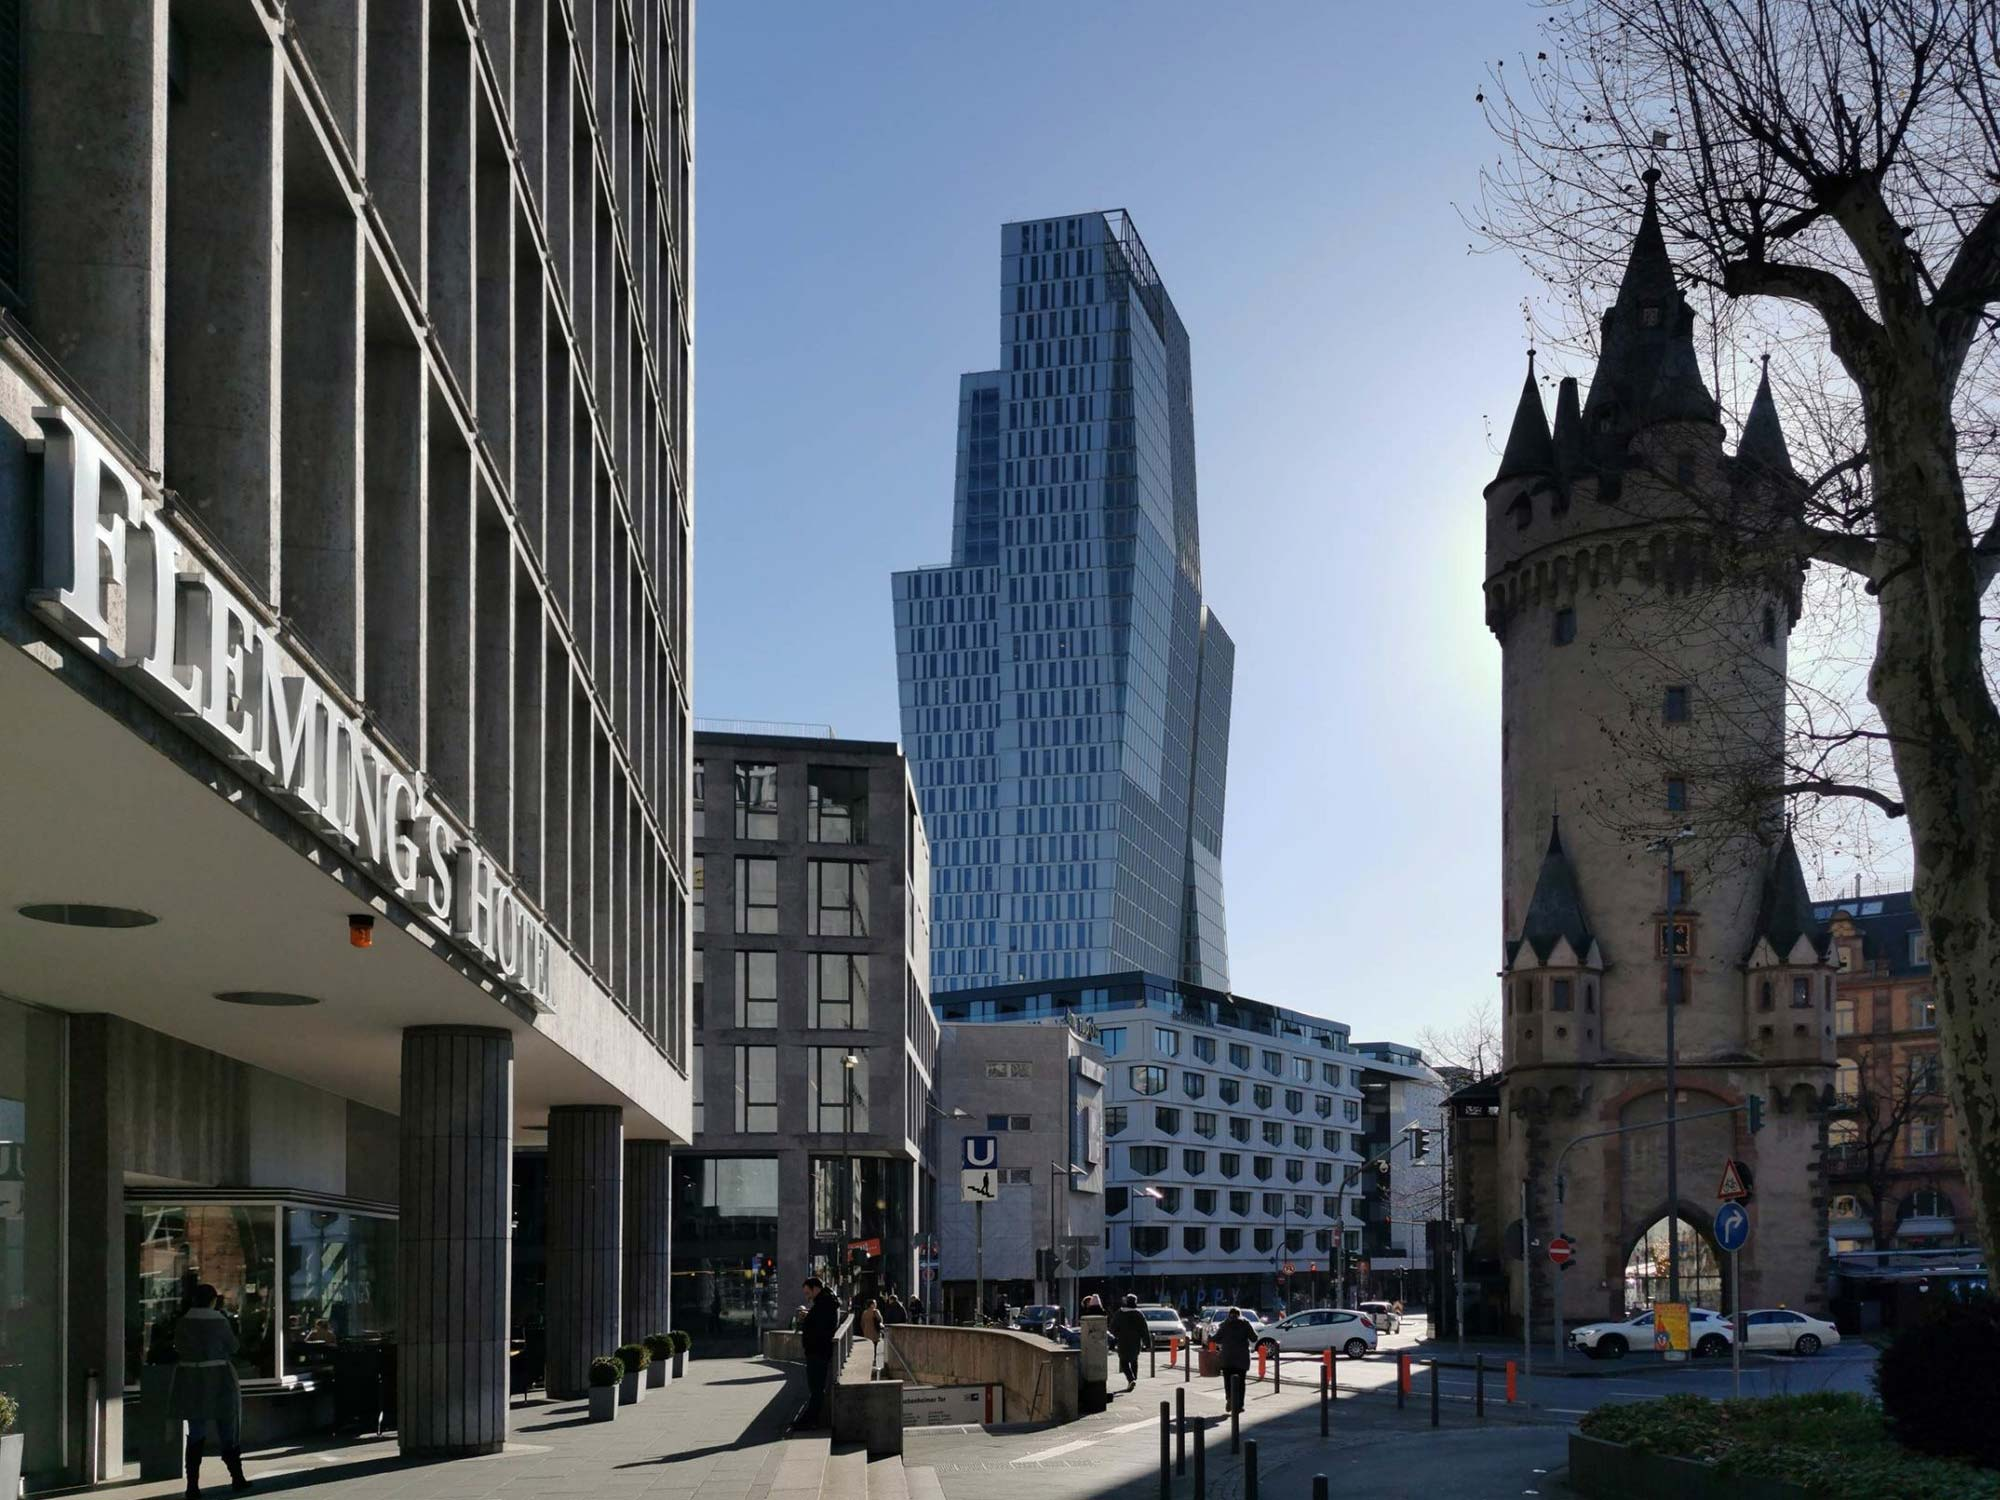 Palaisquartier Frankfurt - Nexttower Hochhaus an der Hauptwache - Palais-Quartier in Frankfurt am Main